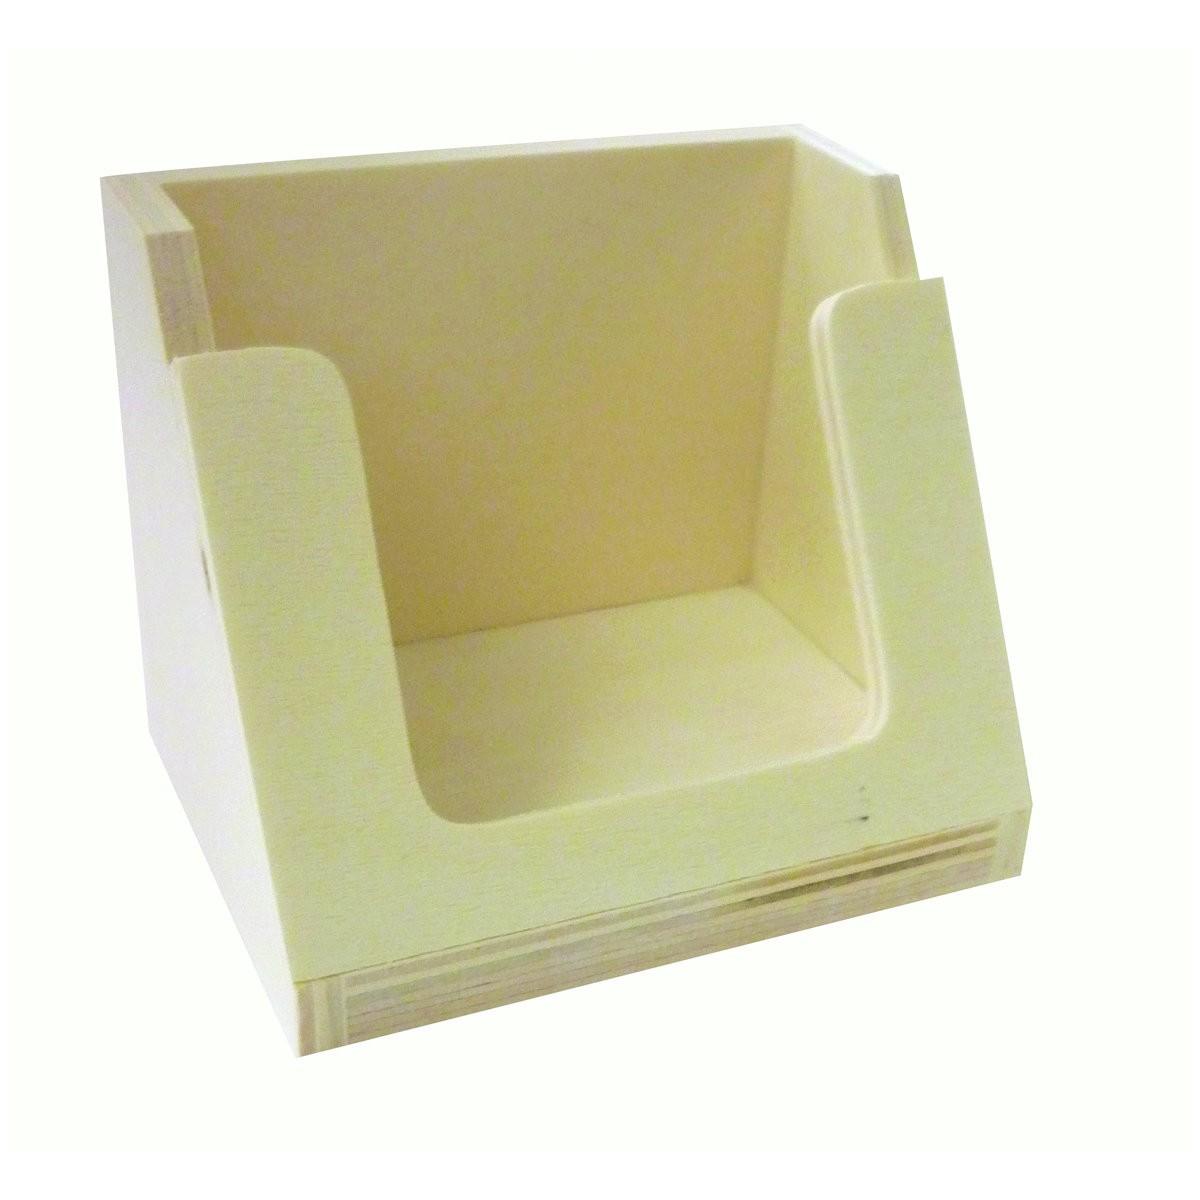 handyhalter holz natur zum selbstgestalten bemalen 8x6x6 5cm. Black Bedroom Furniture Sets. Home Design Ideas